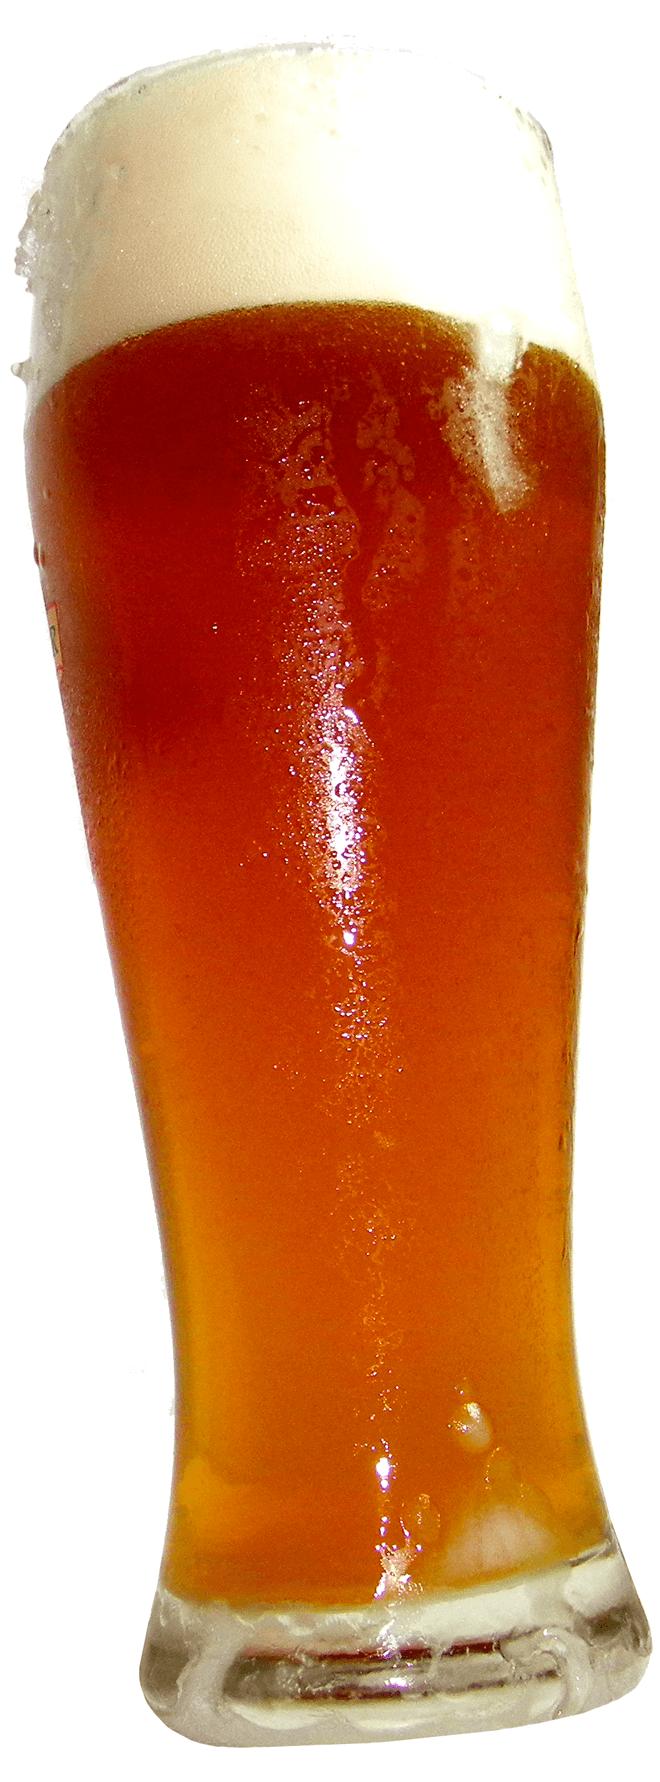 ჩამოსასხმელი ლუდი მაისტერბაუ 1